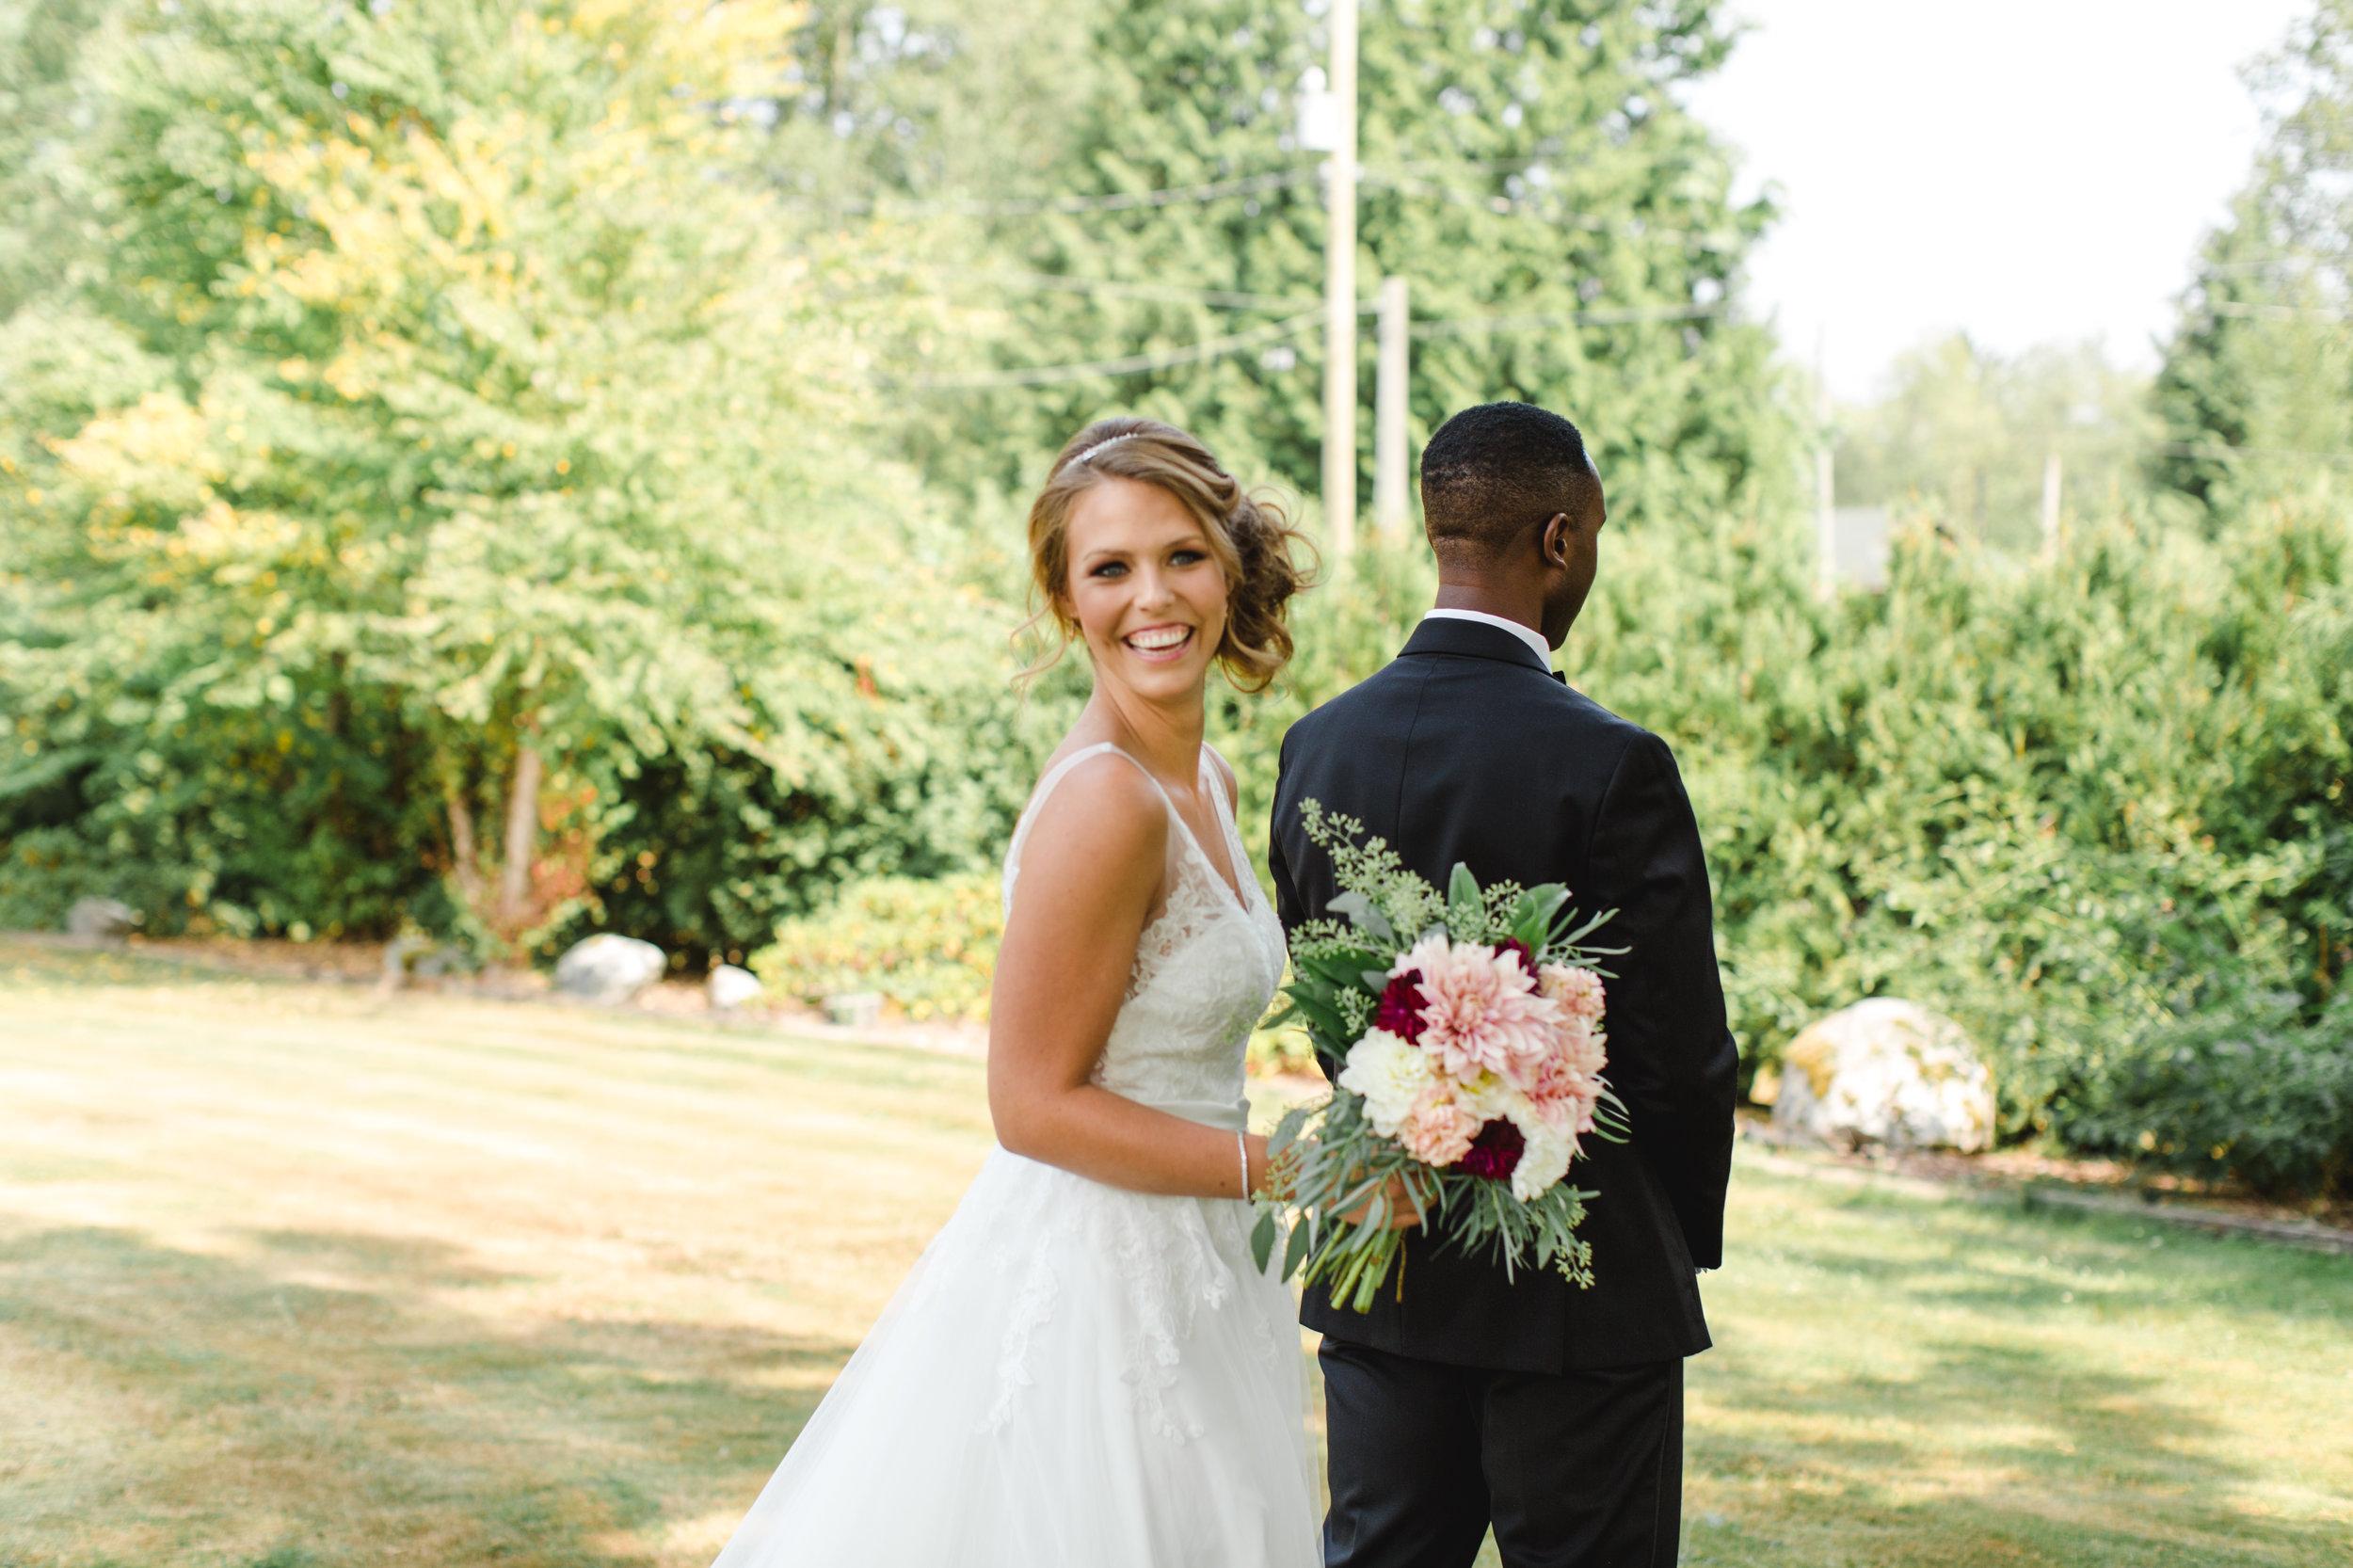 herastudios_weddings_stevie_kevin_hera_selects-28.jpg